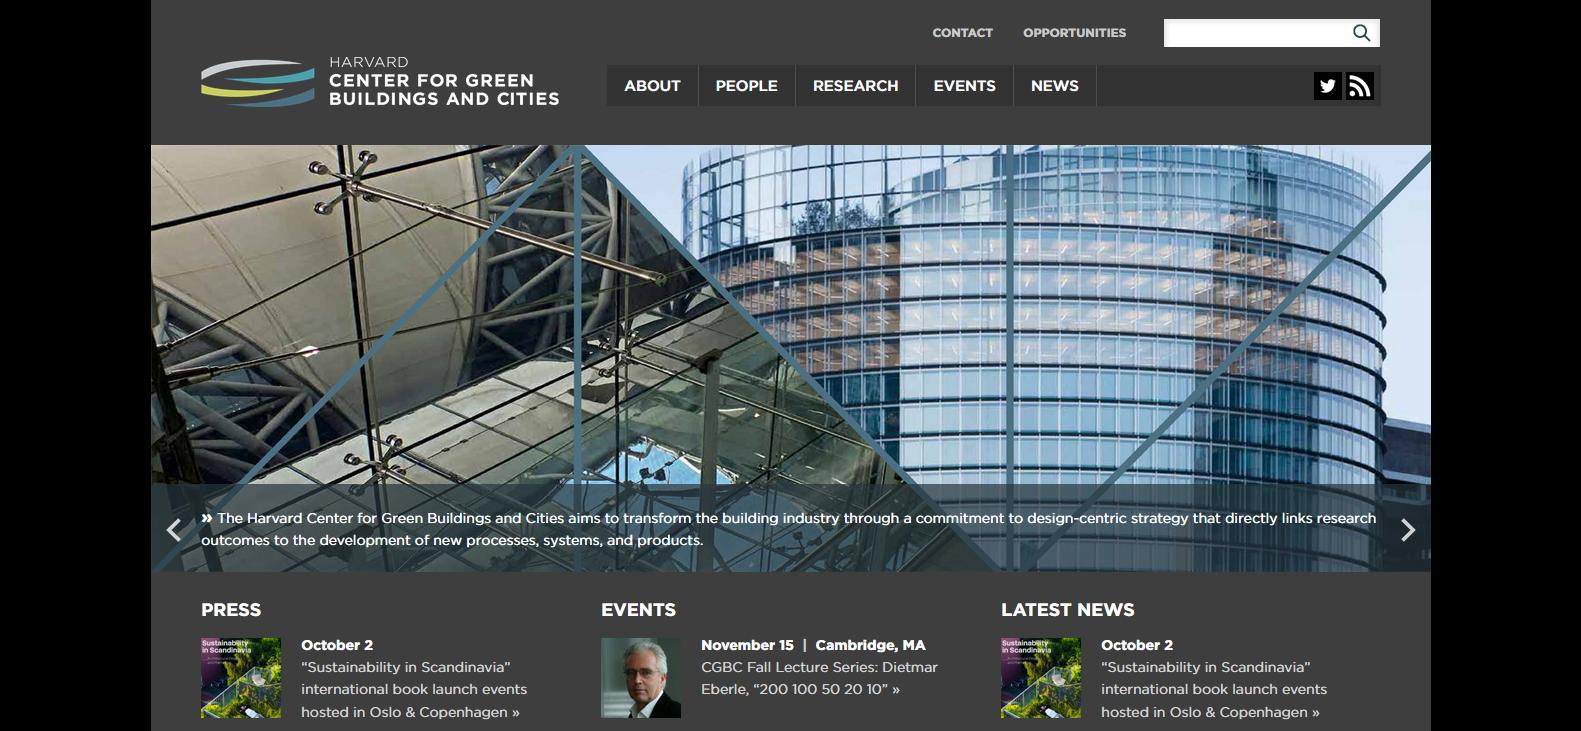 Главная страница сайта http://harvardcgbc.org